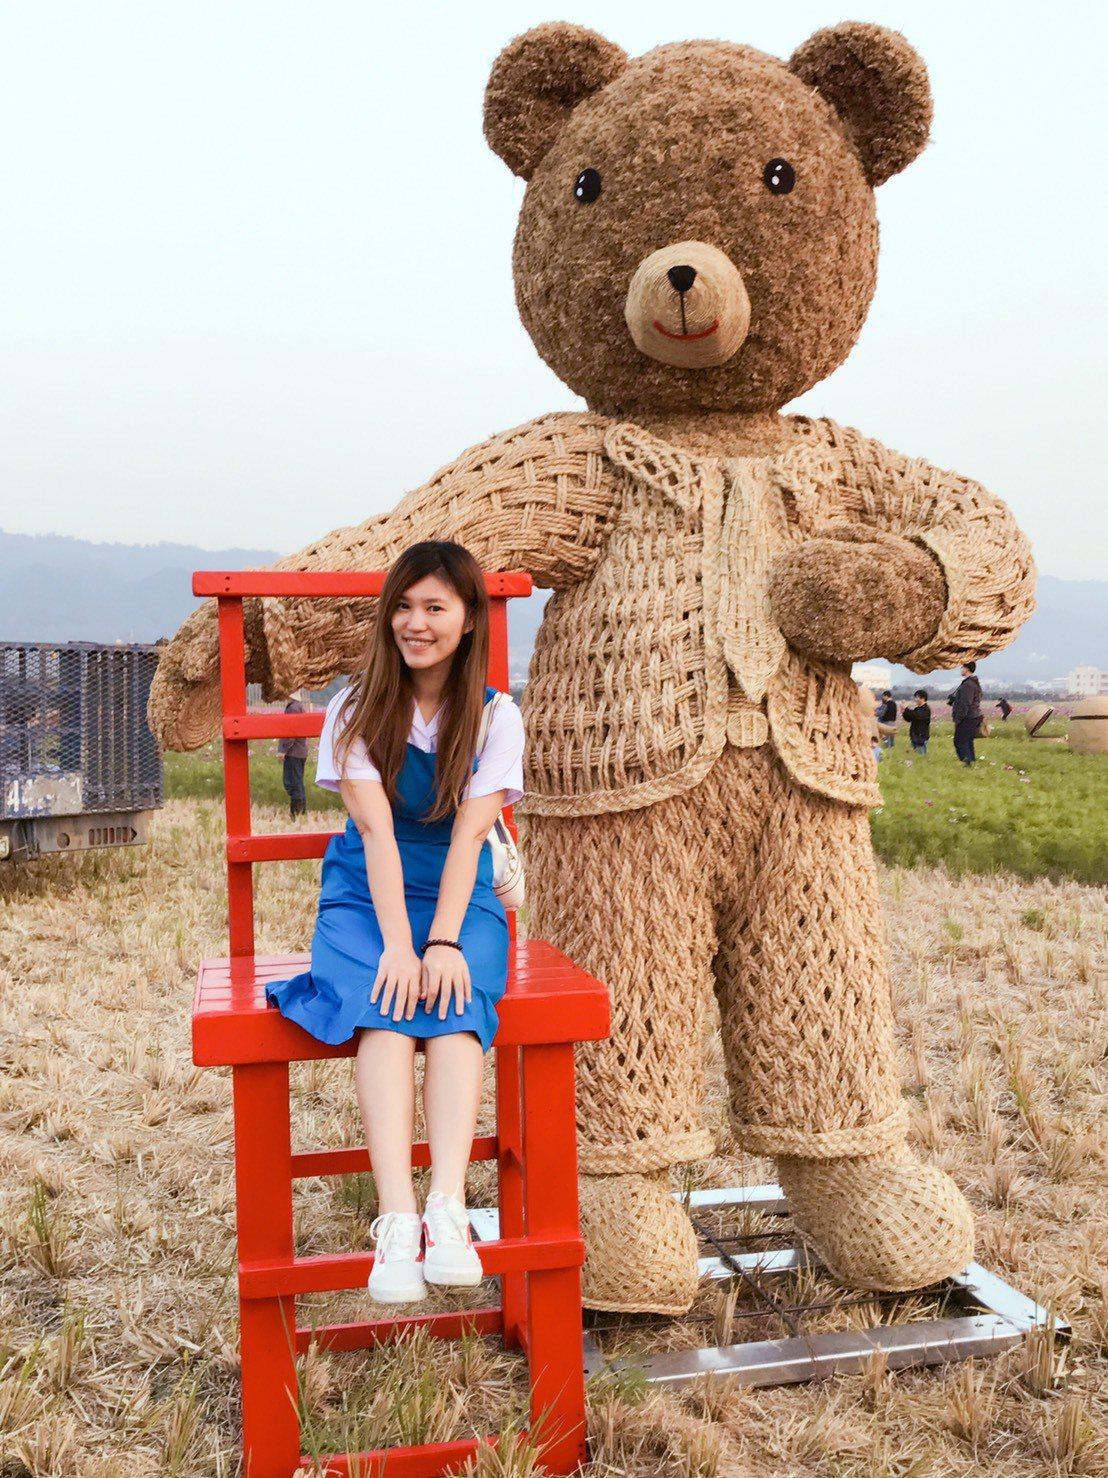 田中鎮稻草人藝術節明天登場,可愛的熊熊稻草人吸引許多民眾提早來搶拍,有線電視主持...